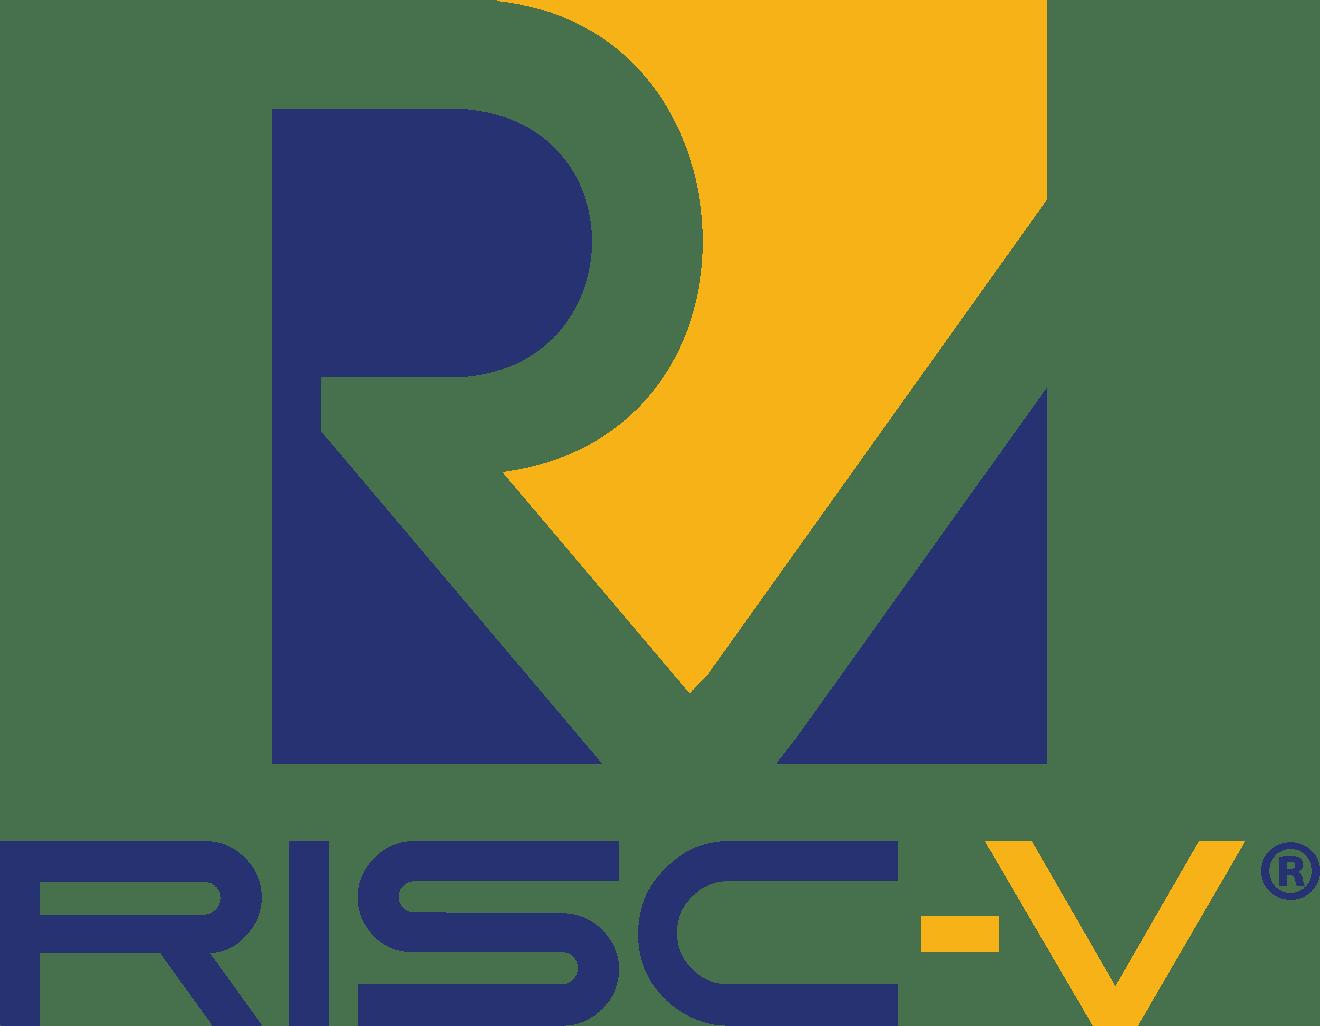 Nach Überarbeitung des UEFI-Codes sollte es mit einem der nächsten Kernel-Releases möglich sein, auch auf RISC-V EFI-konform zu booten.